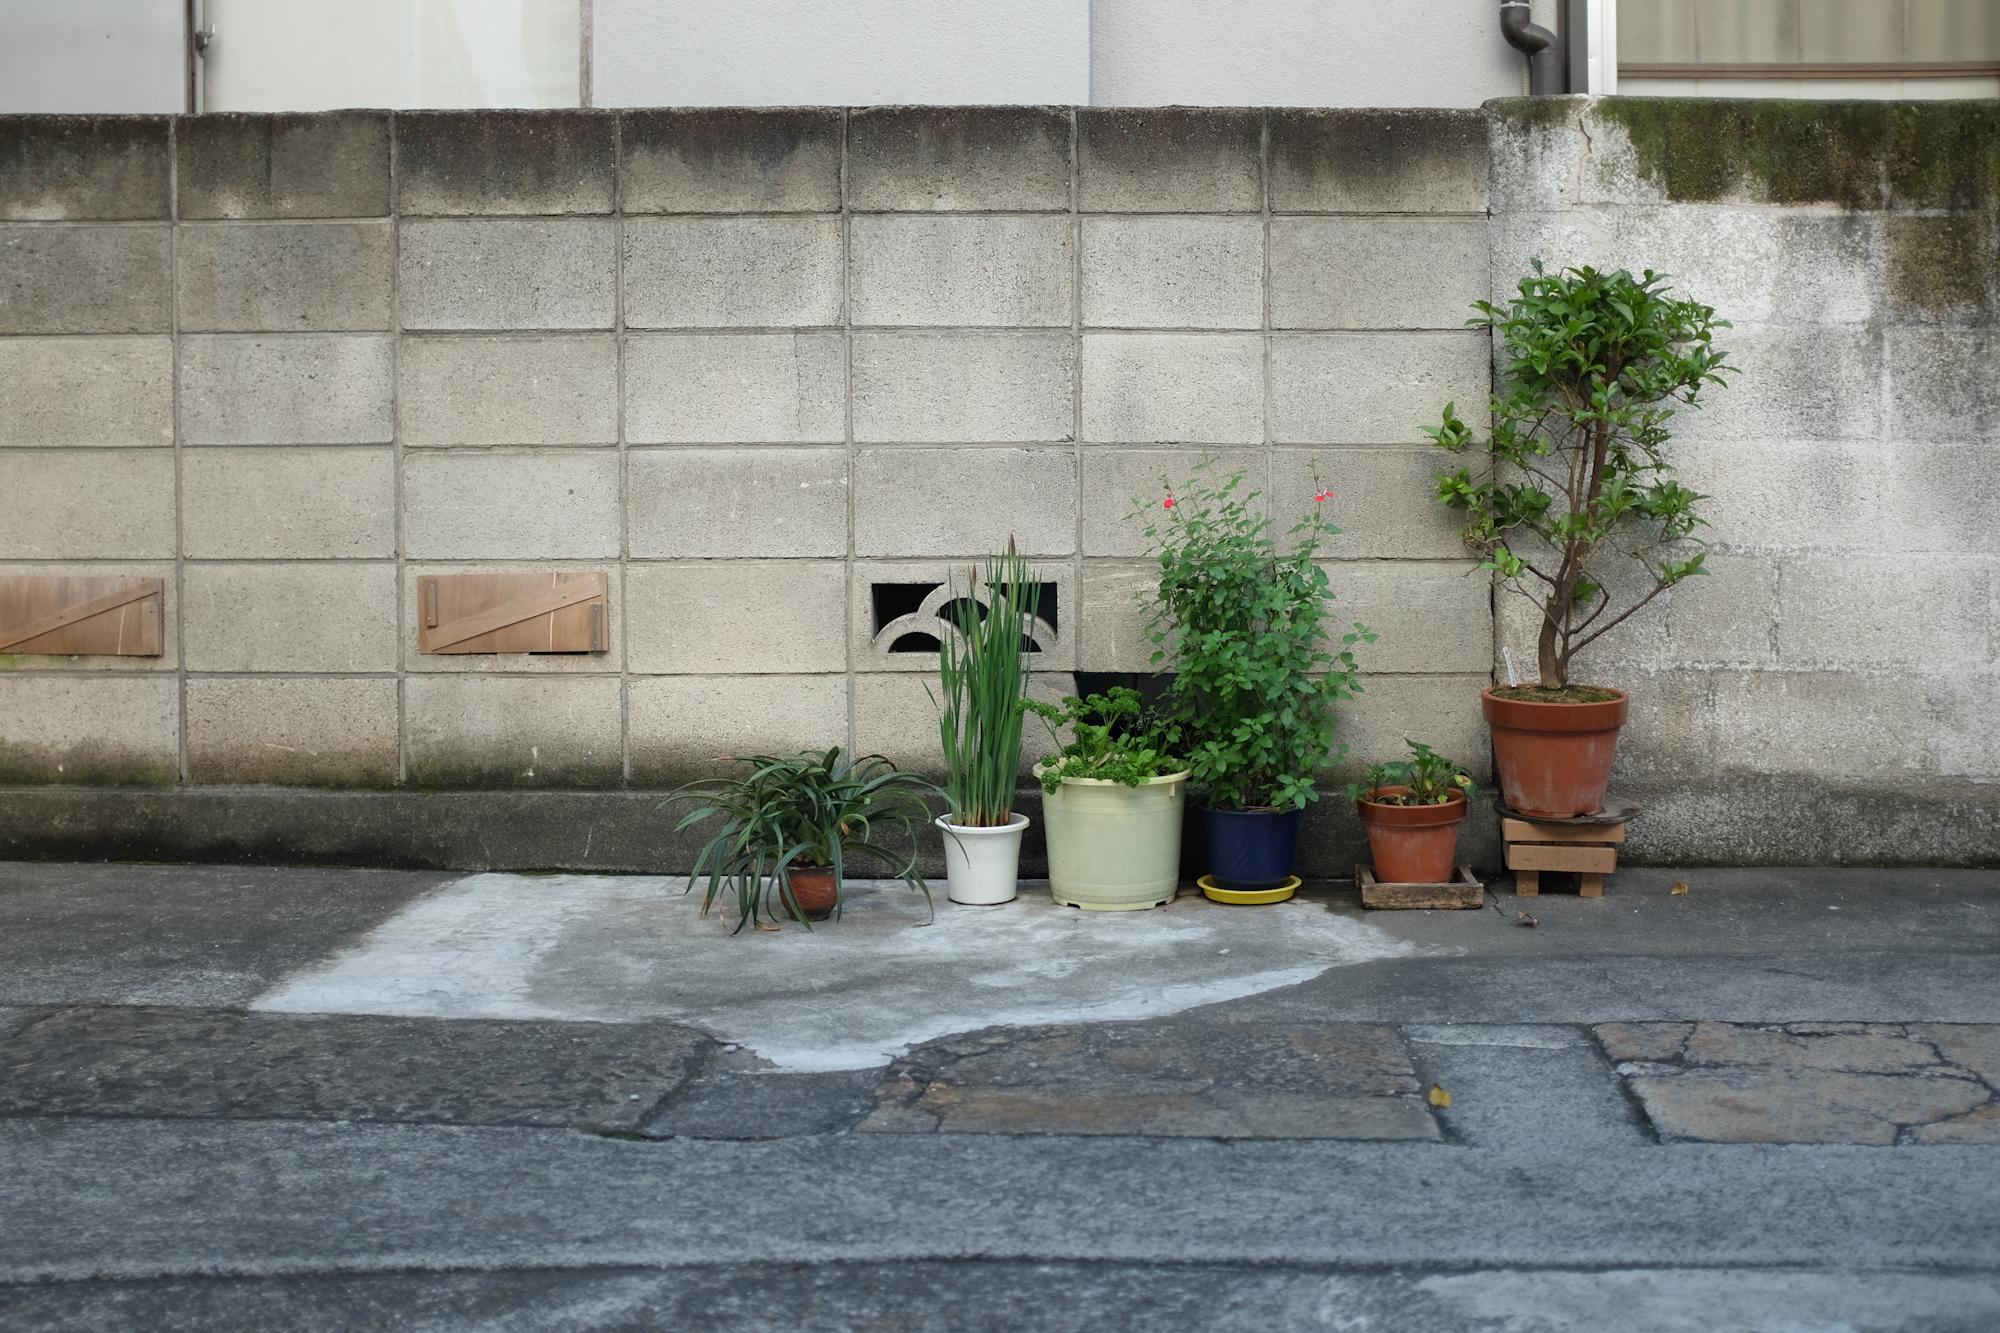 Tokyostreetgardens-3427.jpg